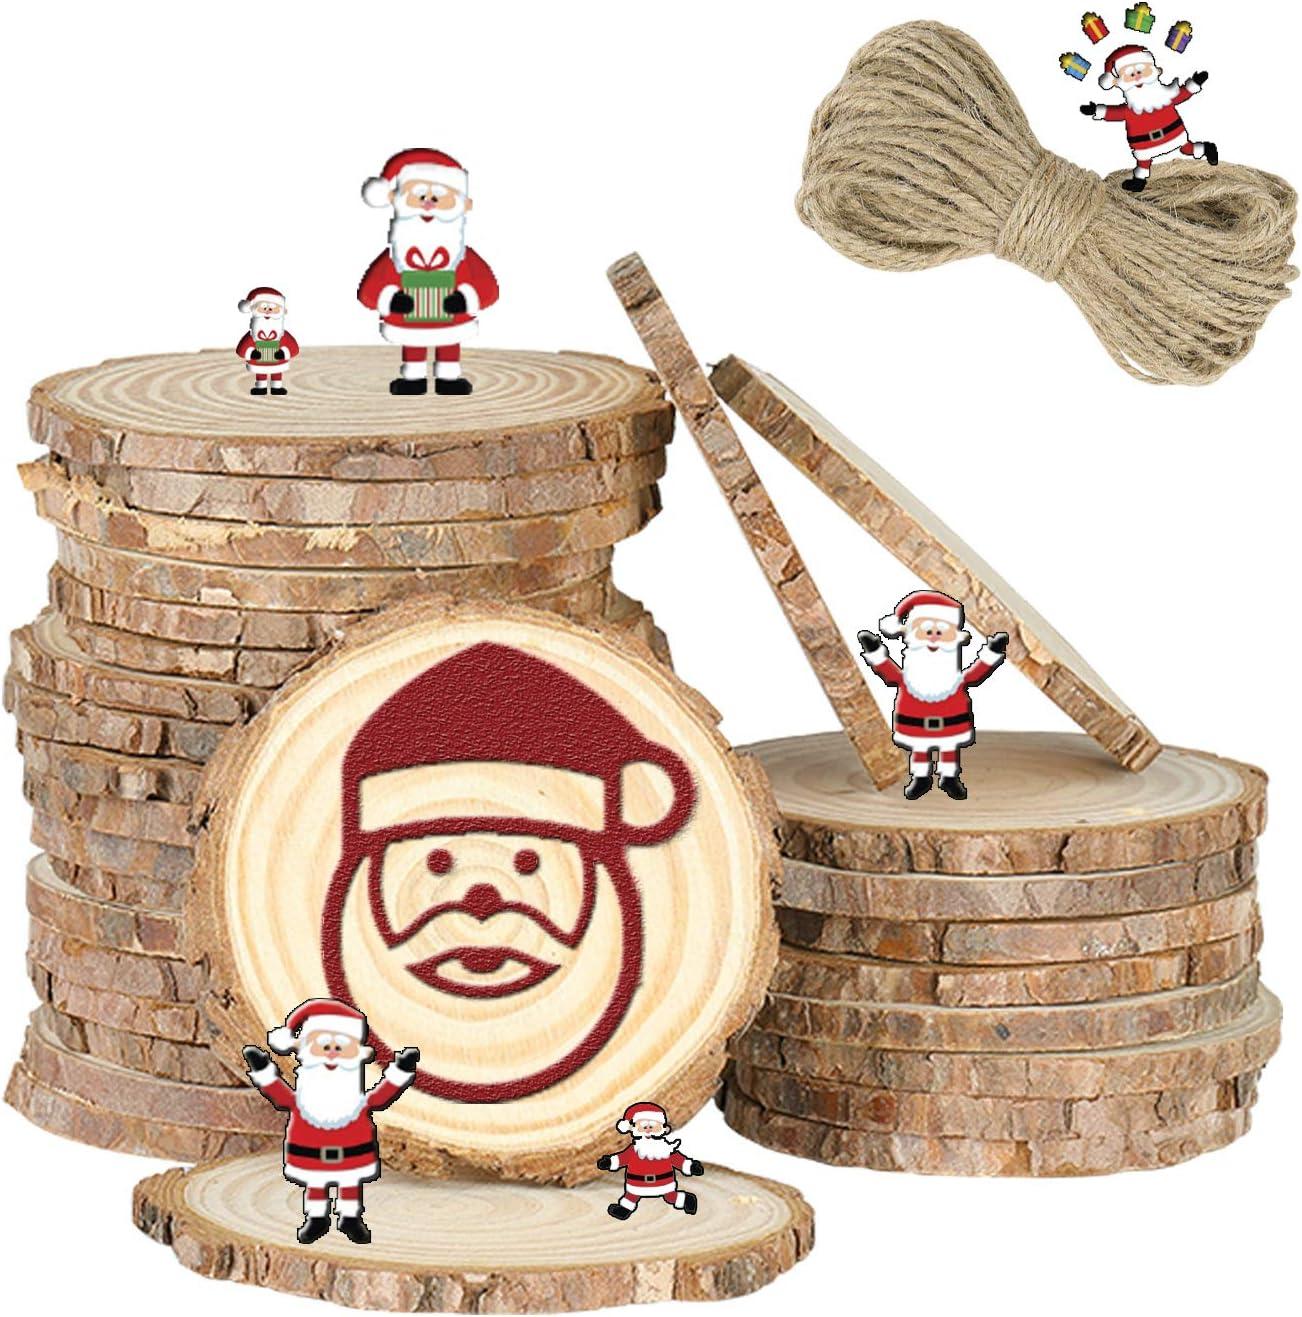 36 STK VGOODALL Holzscheiben Holzscheiben zum Basteln 7-8 cm mit Loch Unvollendete Holzkreise f/ür DIY Handwerk Holz-Scheiben Hochzeit Mittelst/ücke